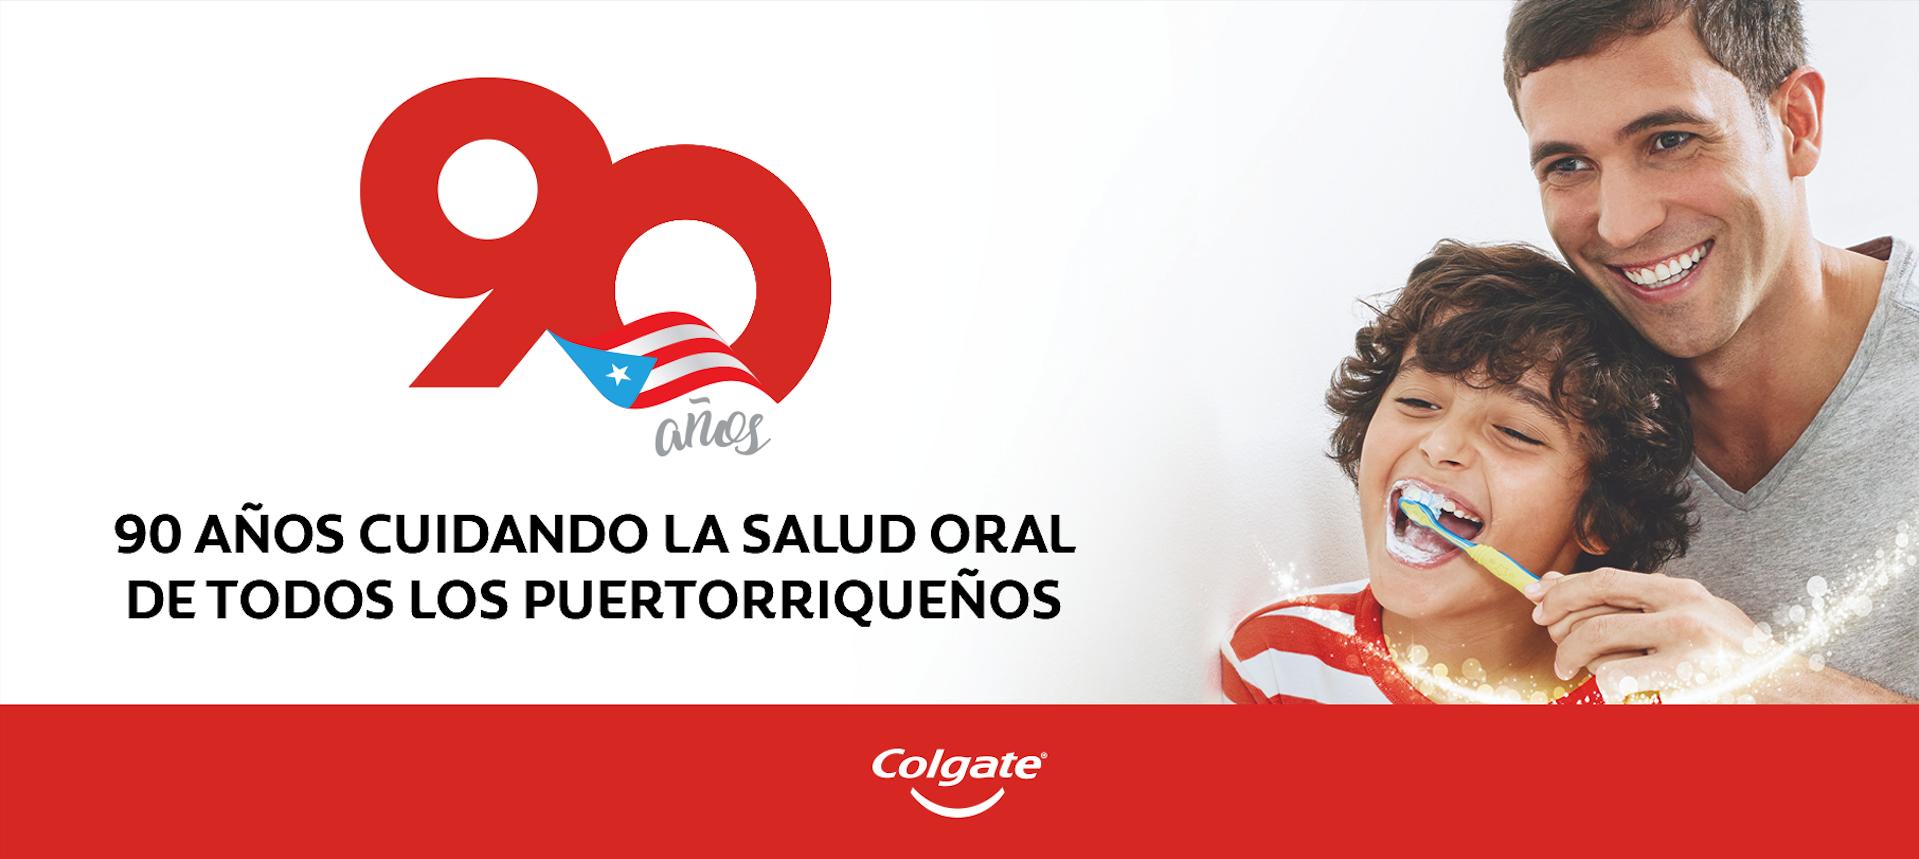 Colgate 90 años cuidando la salud oral de los puertorriqueños.png